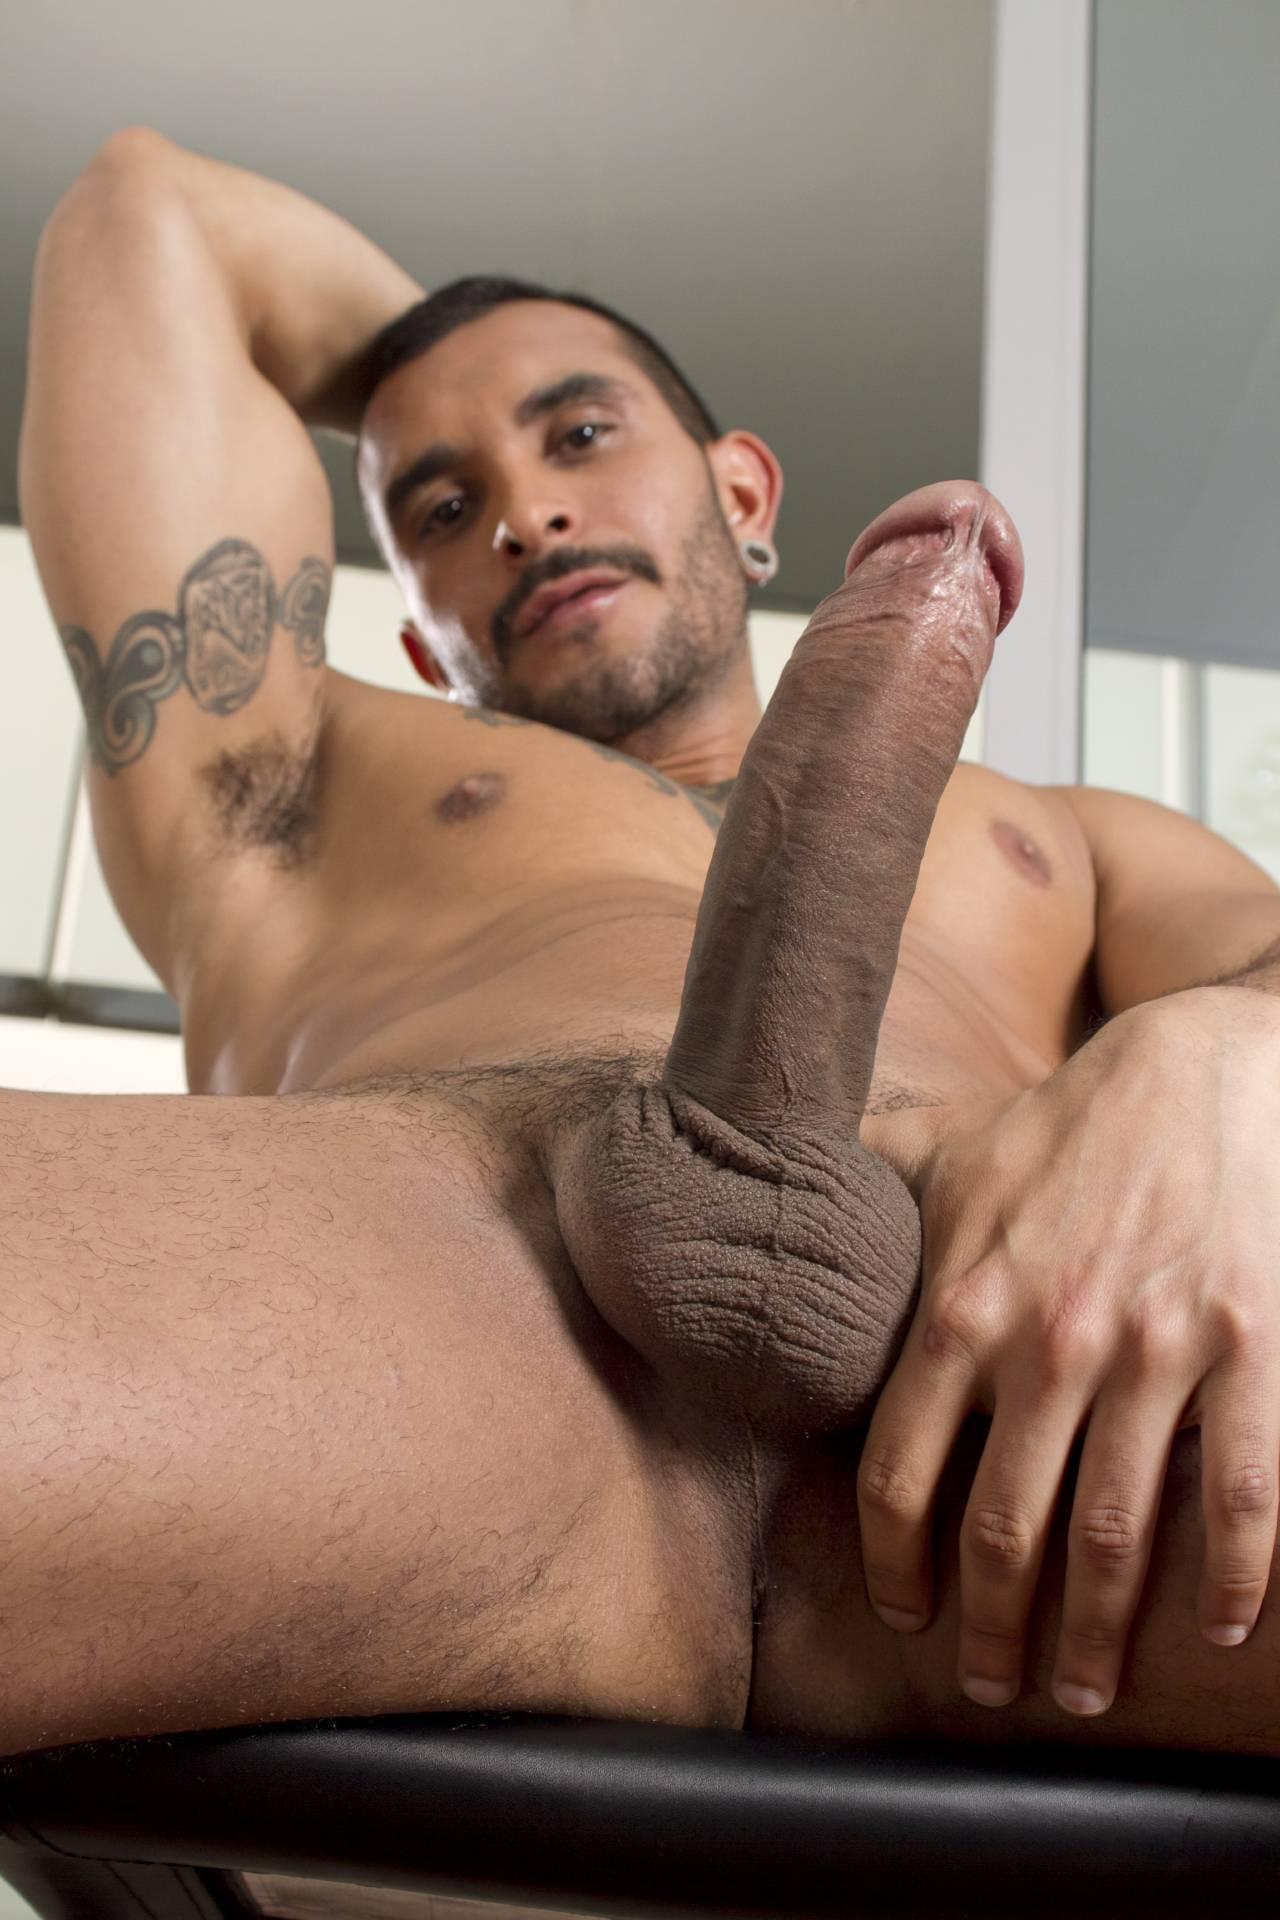 sexo gay argentino lucio saints